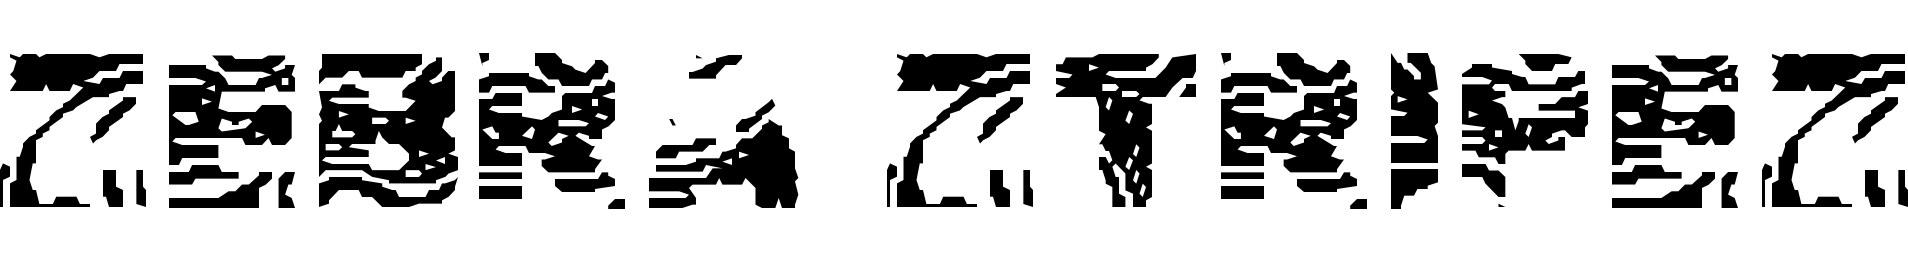 Zebra Ztripez